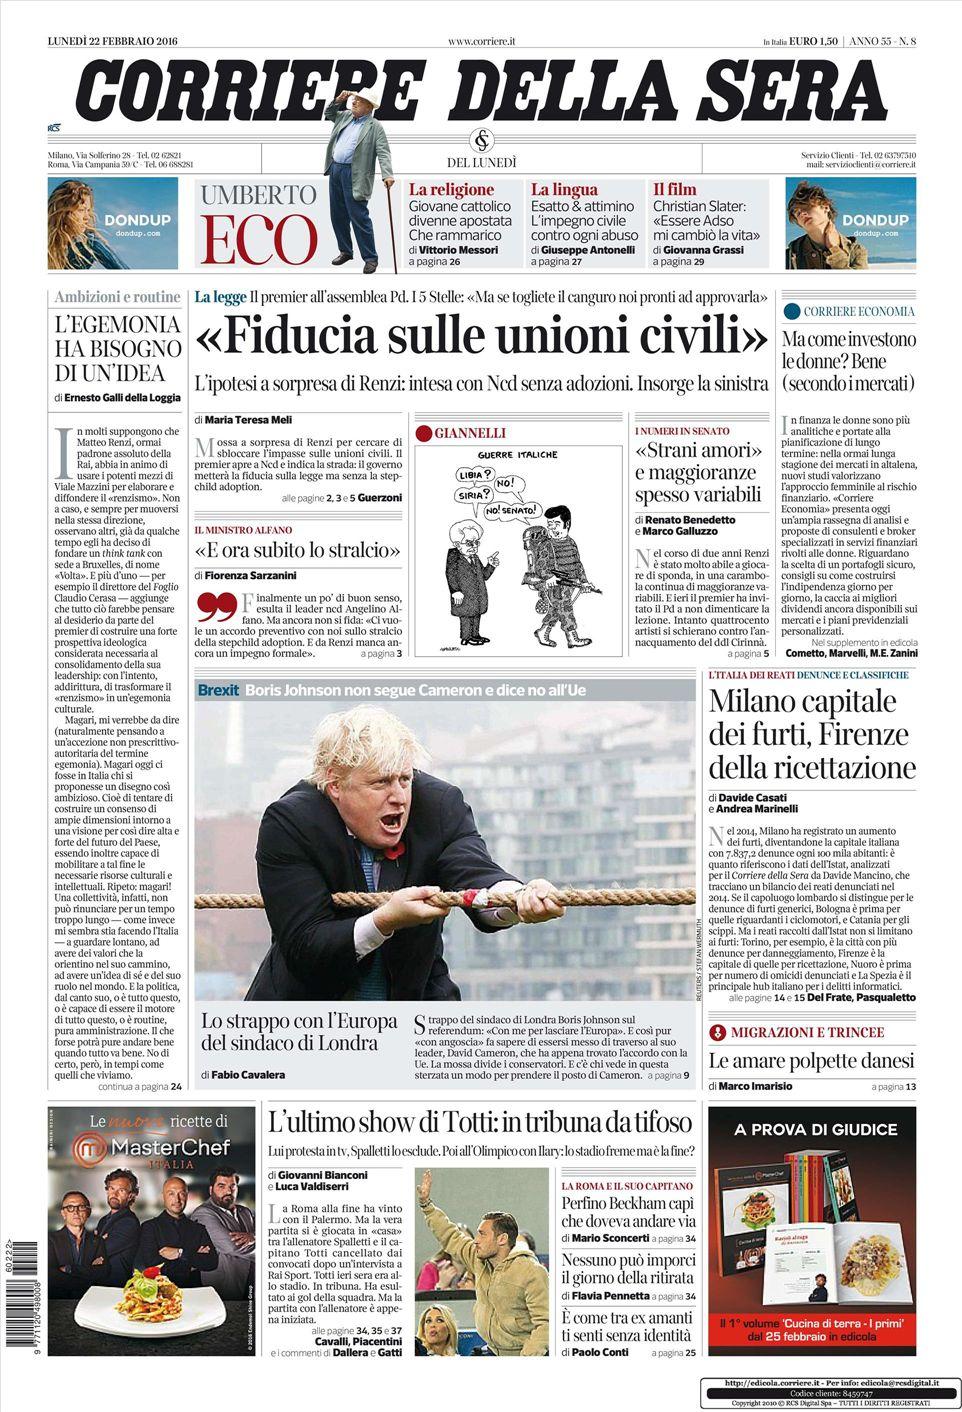 Le prime pagine dei quotidiani che sono in edicola oggi 22 for Corriere della sera arredamento